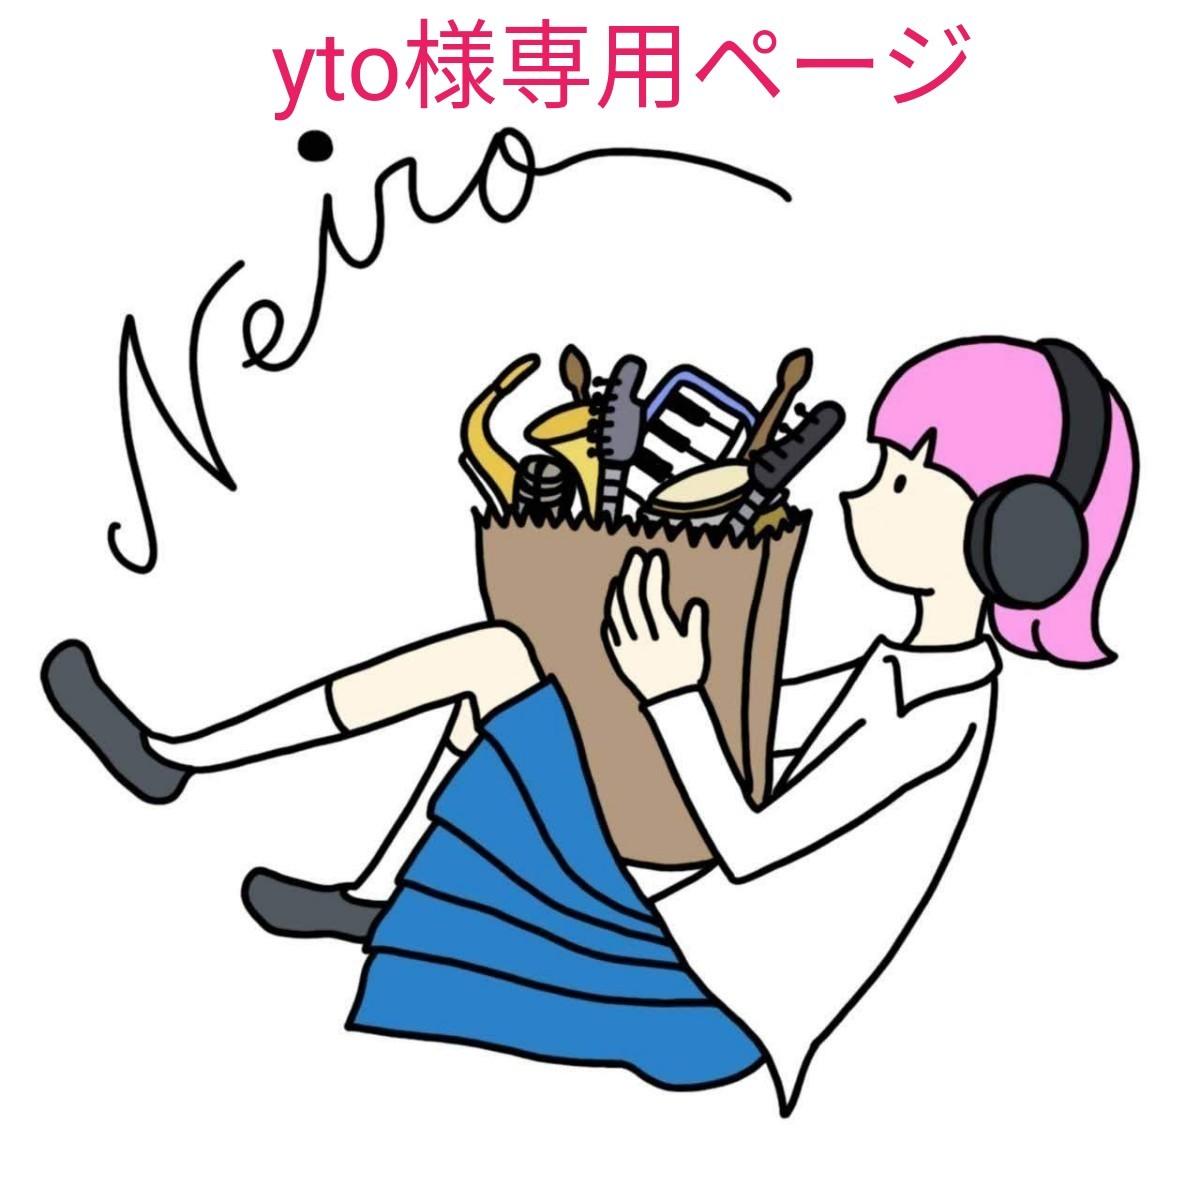 yto様専用ページ